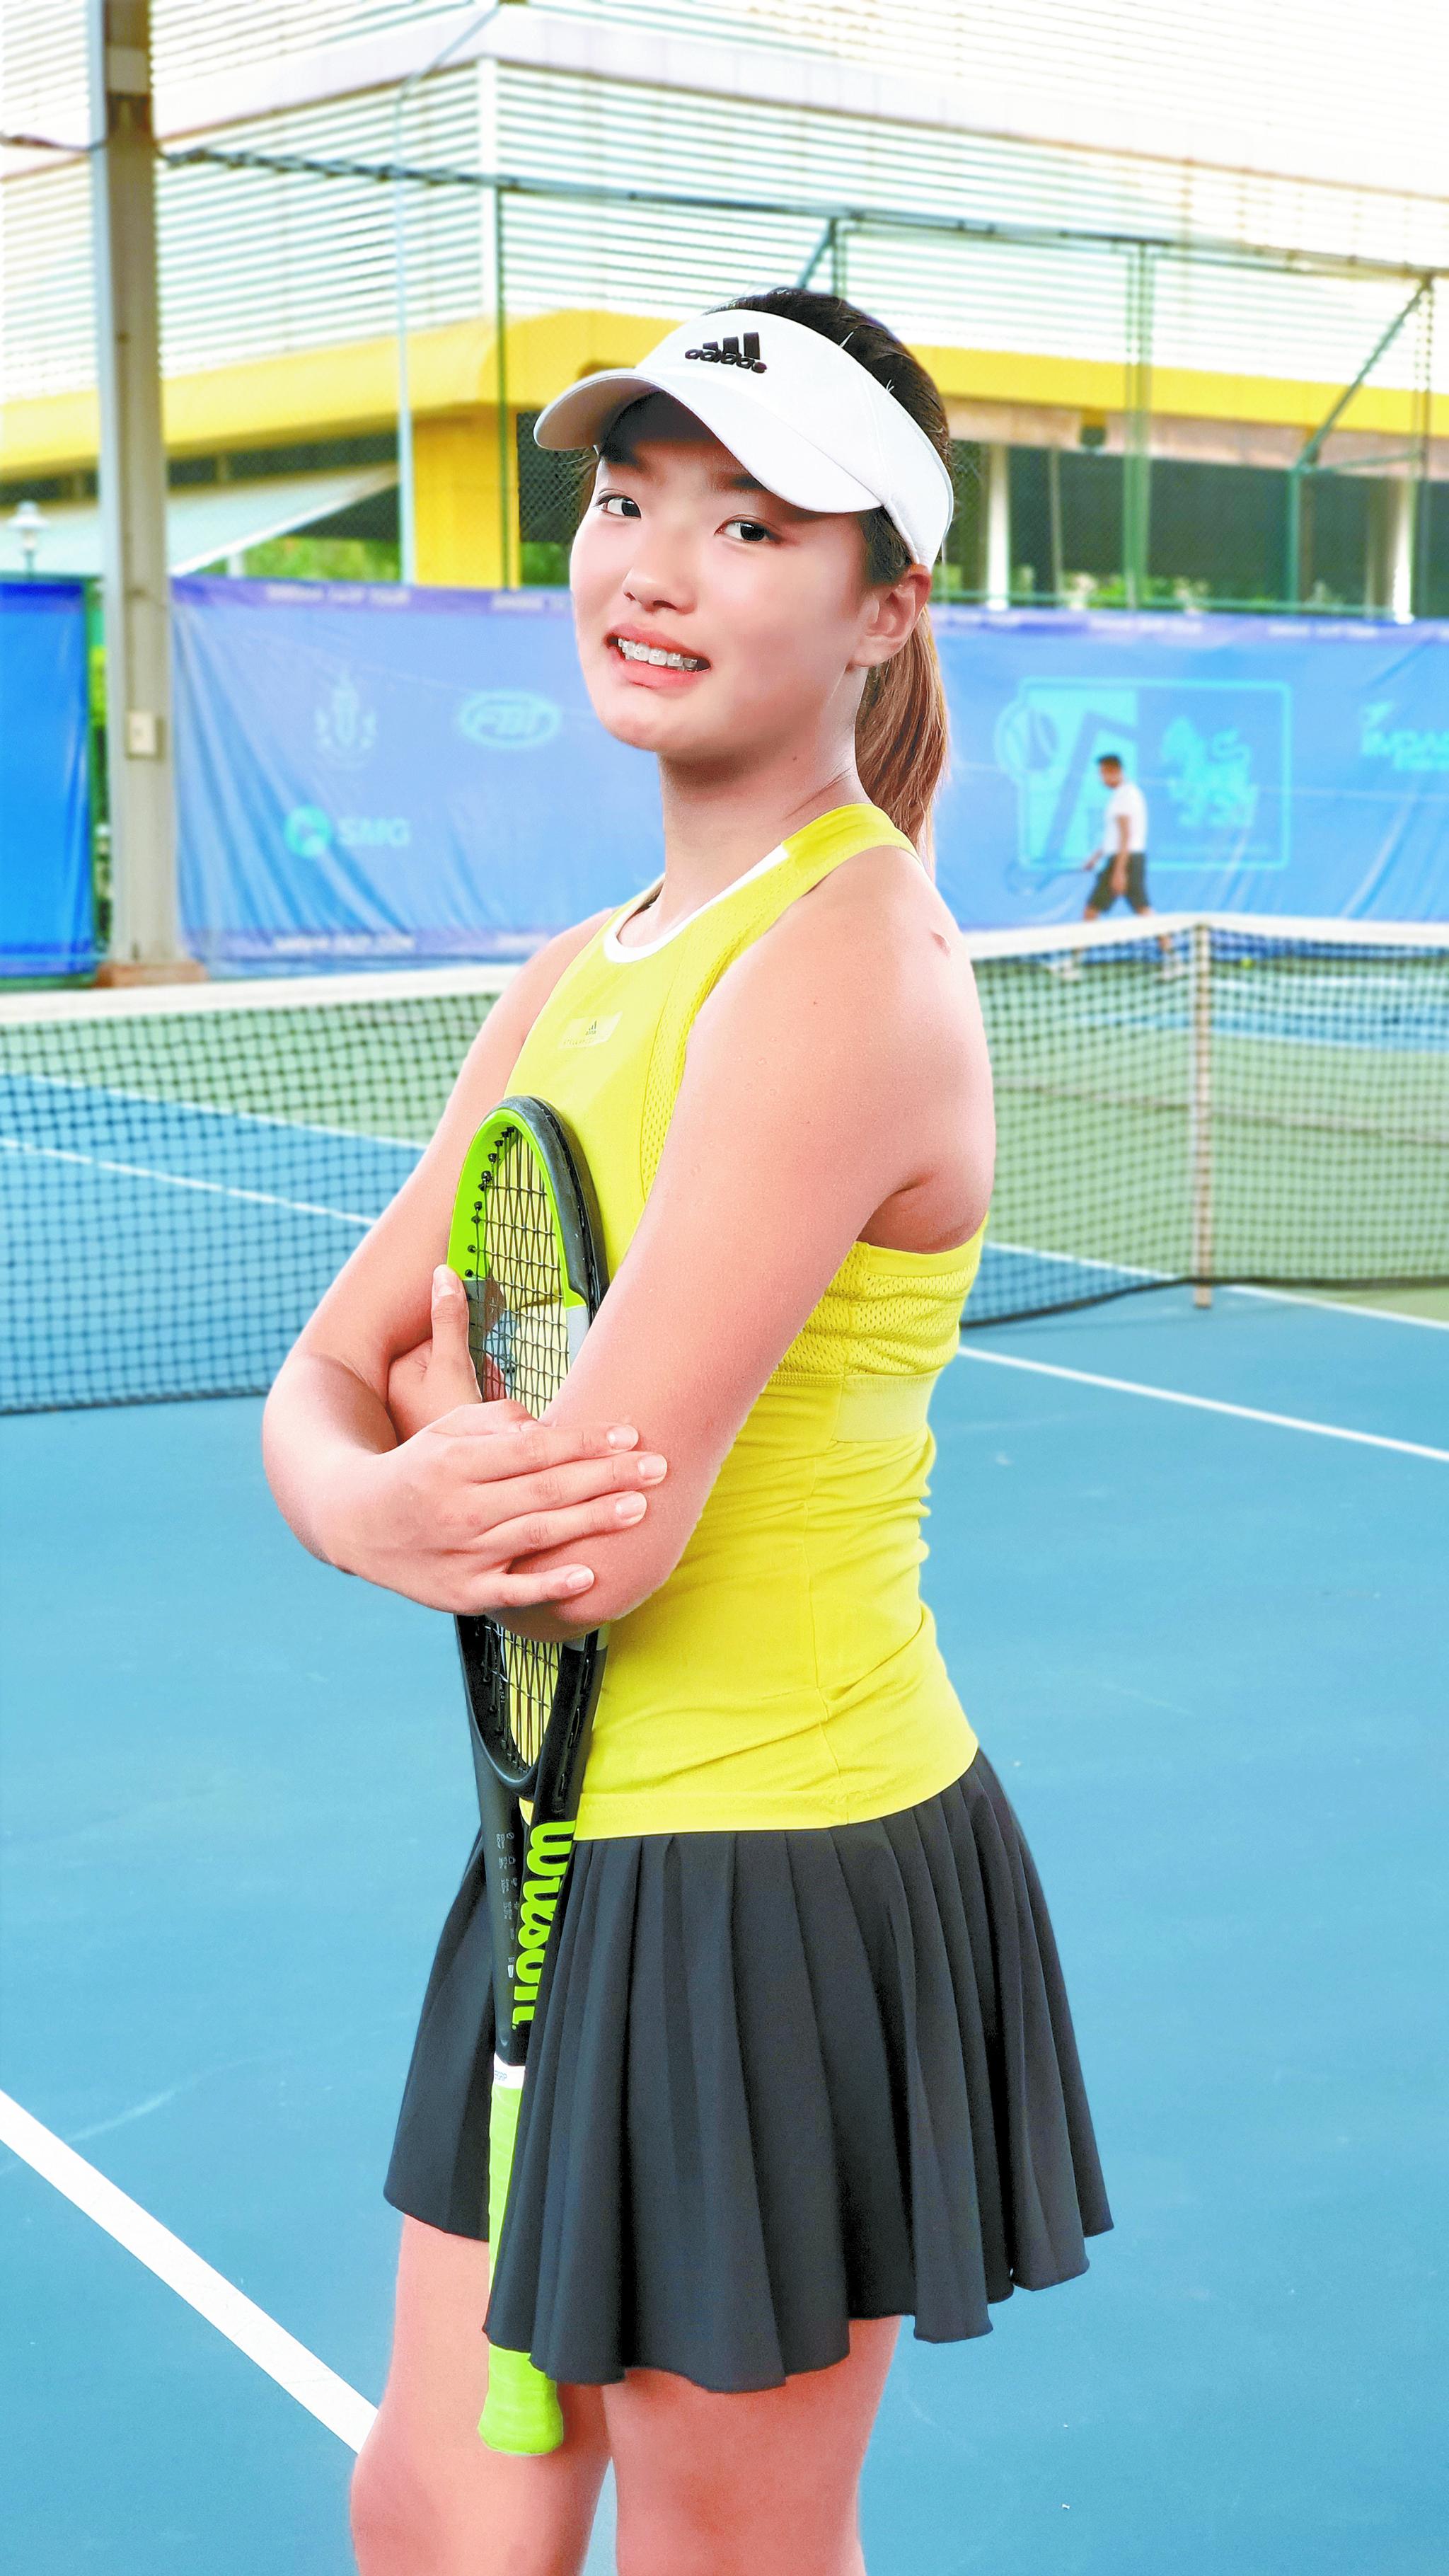 이동국 딸 이재아는 28일부터 호주에서 열리는 아시아 퍼시픽 U-14 대회에 초청받았다. 아시아테니스연맹(ATF) 아시아와 오세아니아 국가별 최고랭킹 남녀 한명씩, 총 16명을 초청한 것이다.[사진 이재아 제공]